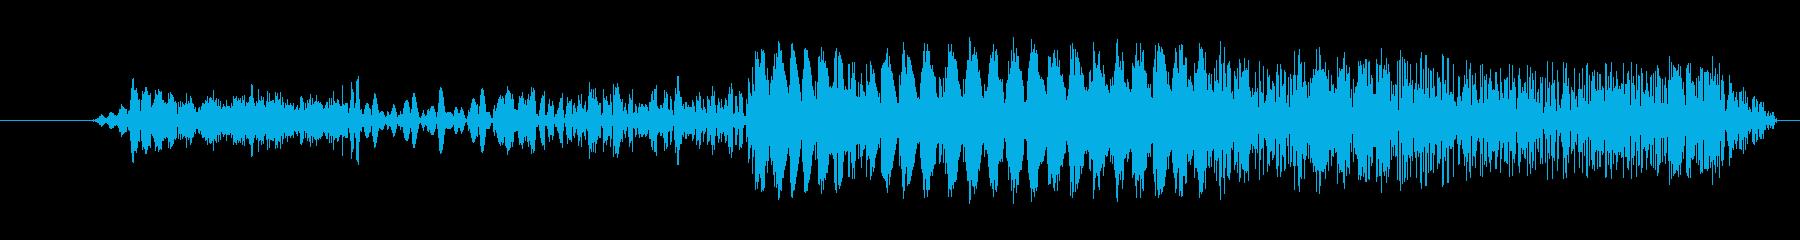 急停止の再生済みの波形